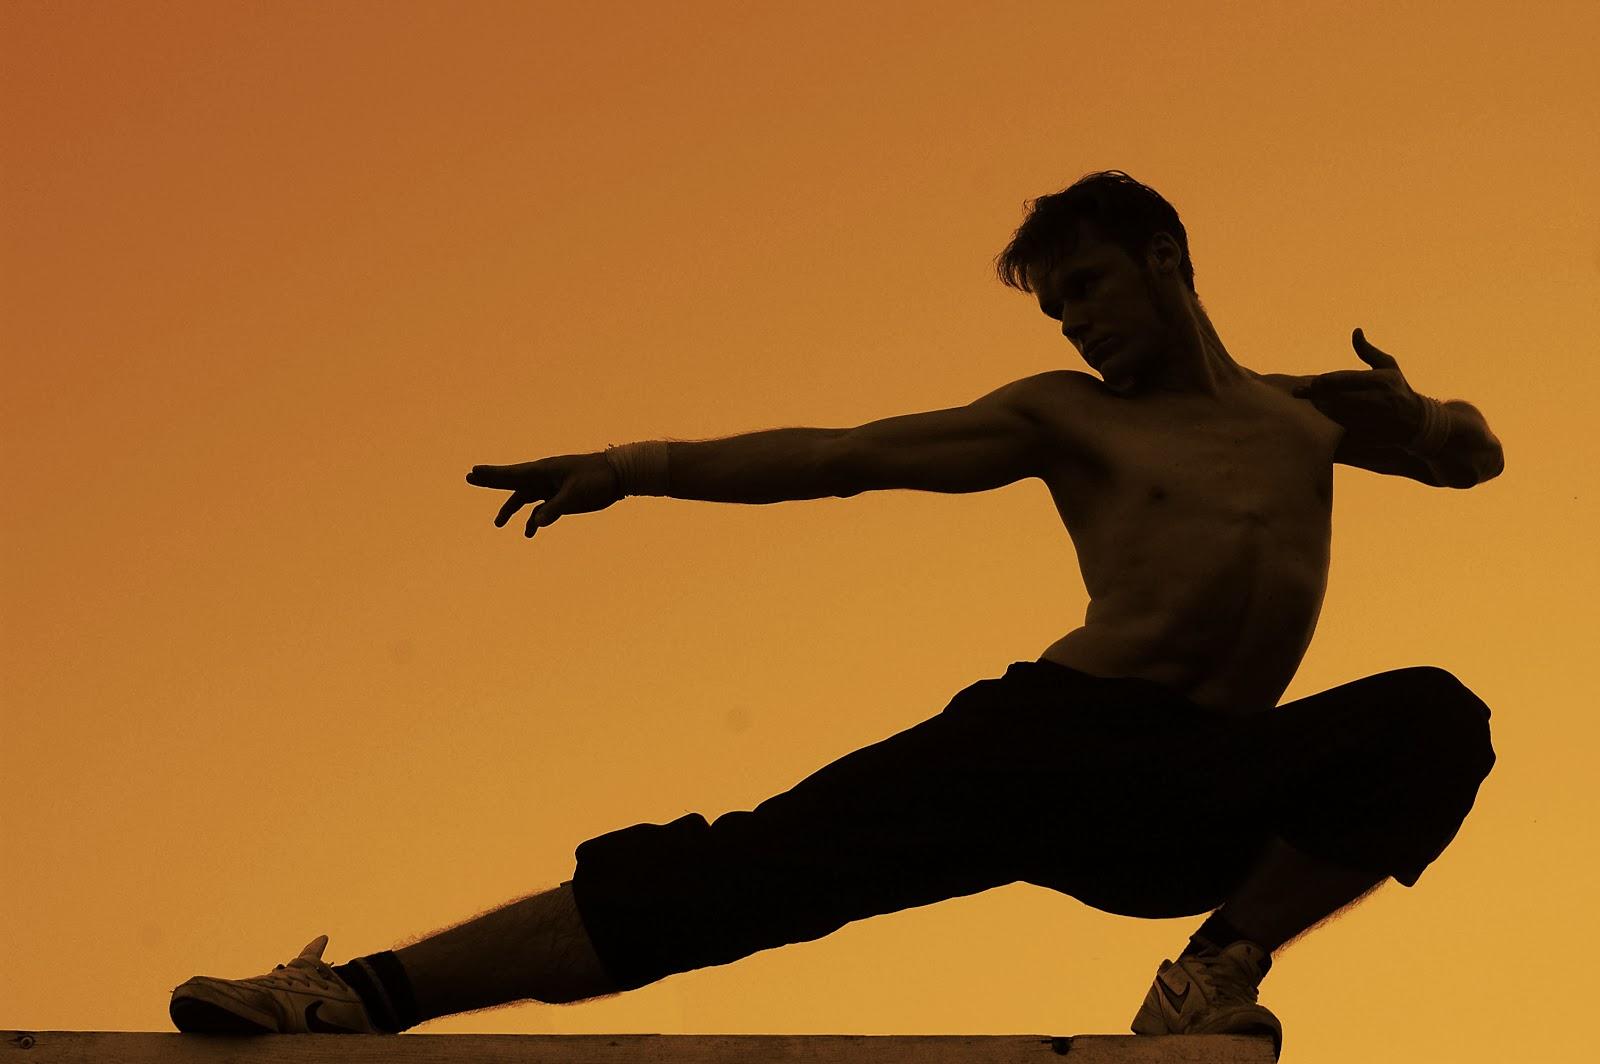 22 martial arts hd - photo #14